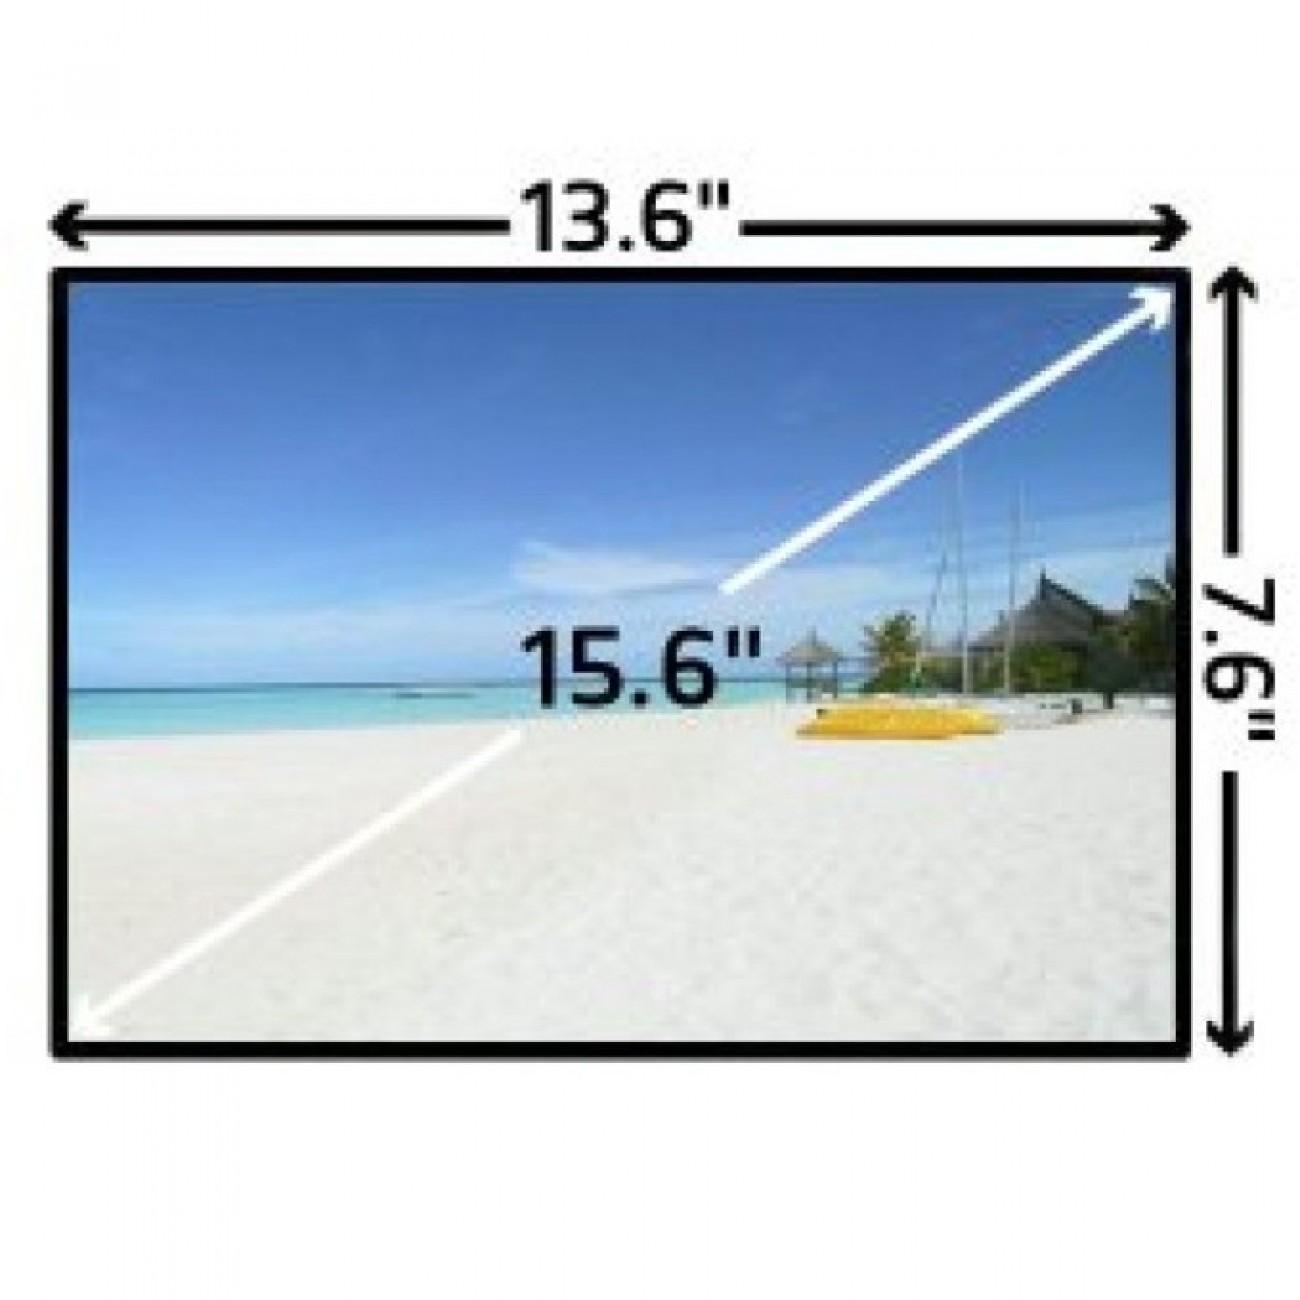 Матрица за лаптоп LG LP156WH3 (TL)(BC), 15.6 (39.60cm) WXGAP+, 1366 x 768, гланц в Резервни части -  | Alleop